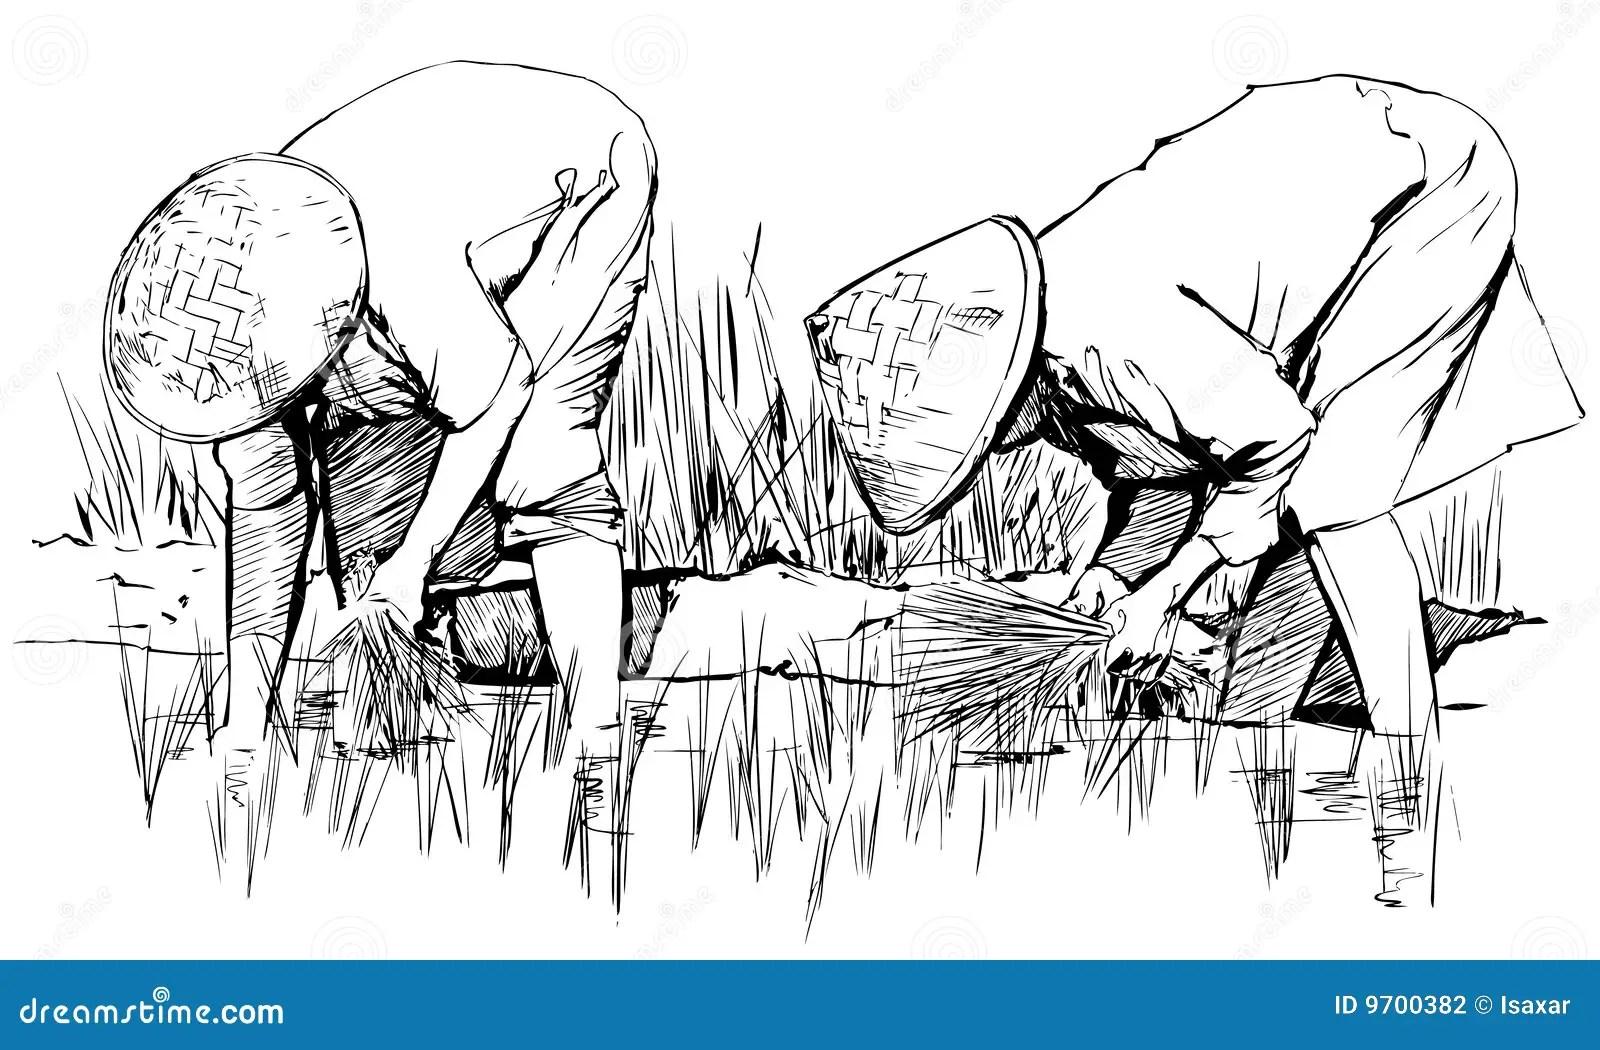 Raccolta Del Riso In Asia Illustrazione Vettoriale